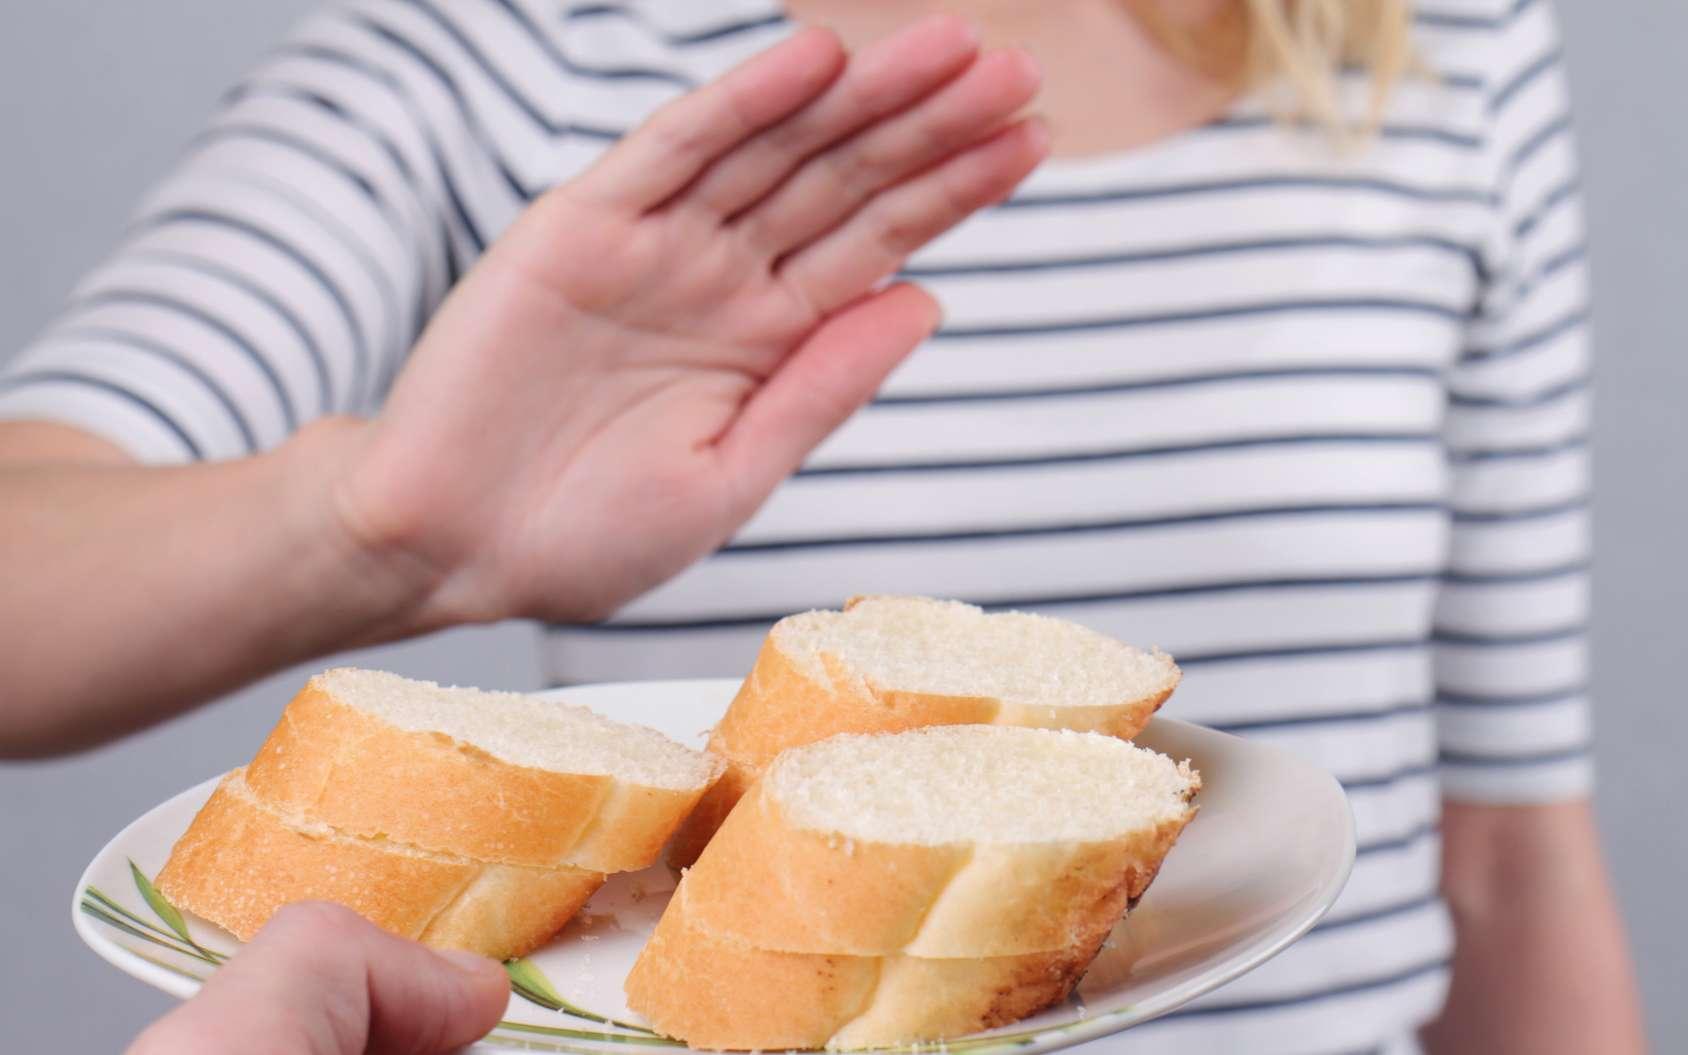 L'intolérance au gluten provoque des douleurs intestinales. © glisic_albina, fotolia